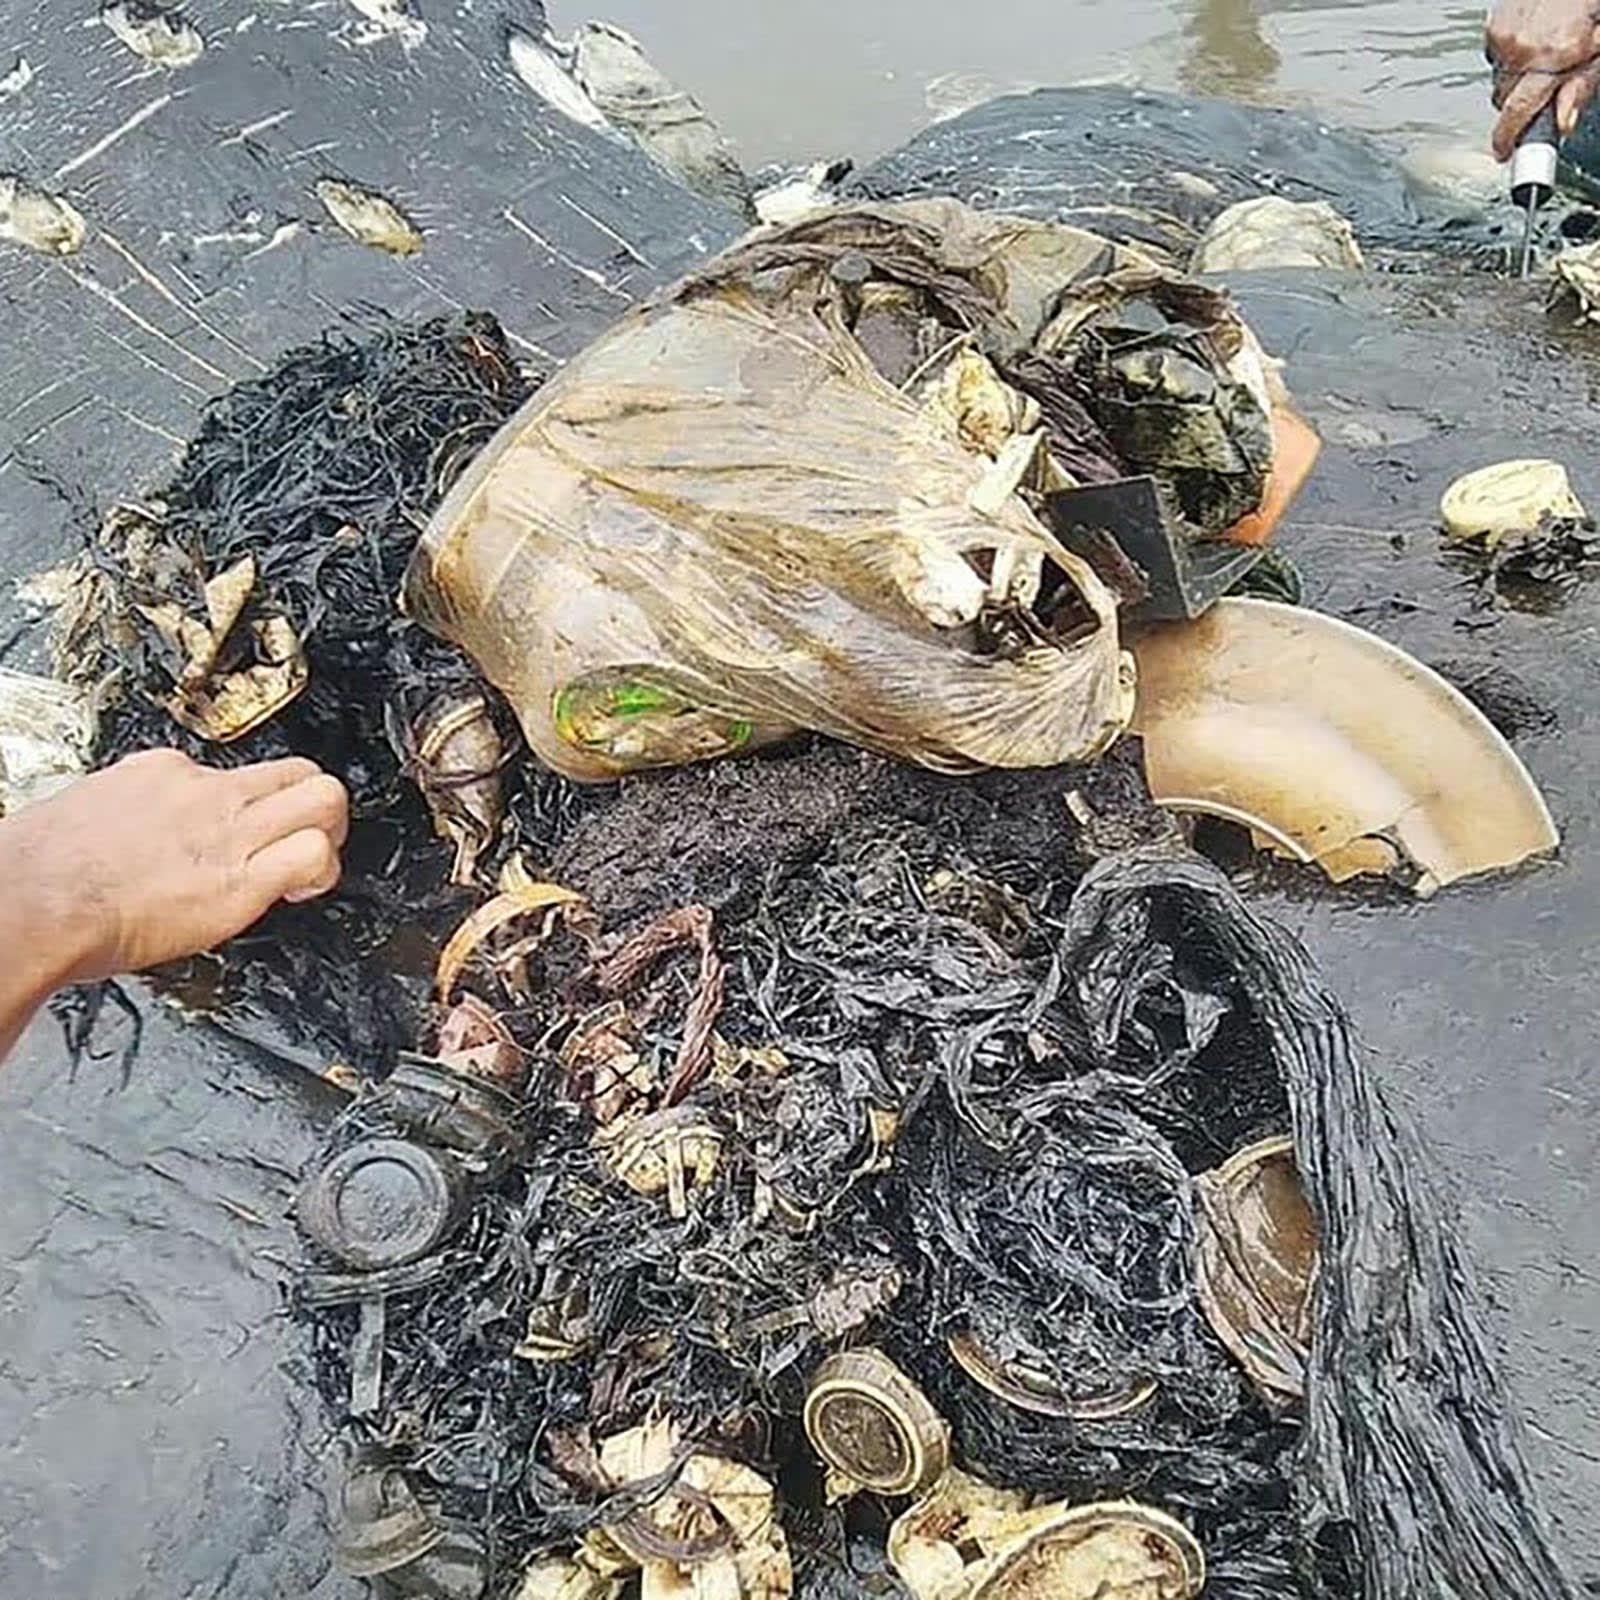 عثر على أكثر من 1000 قطعة بلاستيك بداخل معدة الحوت